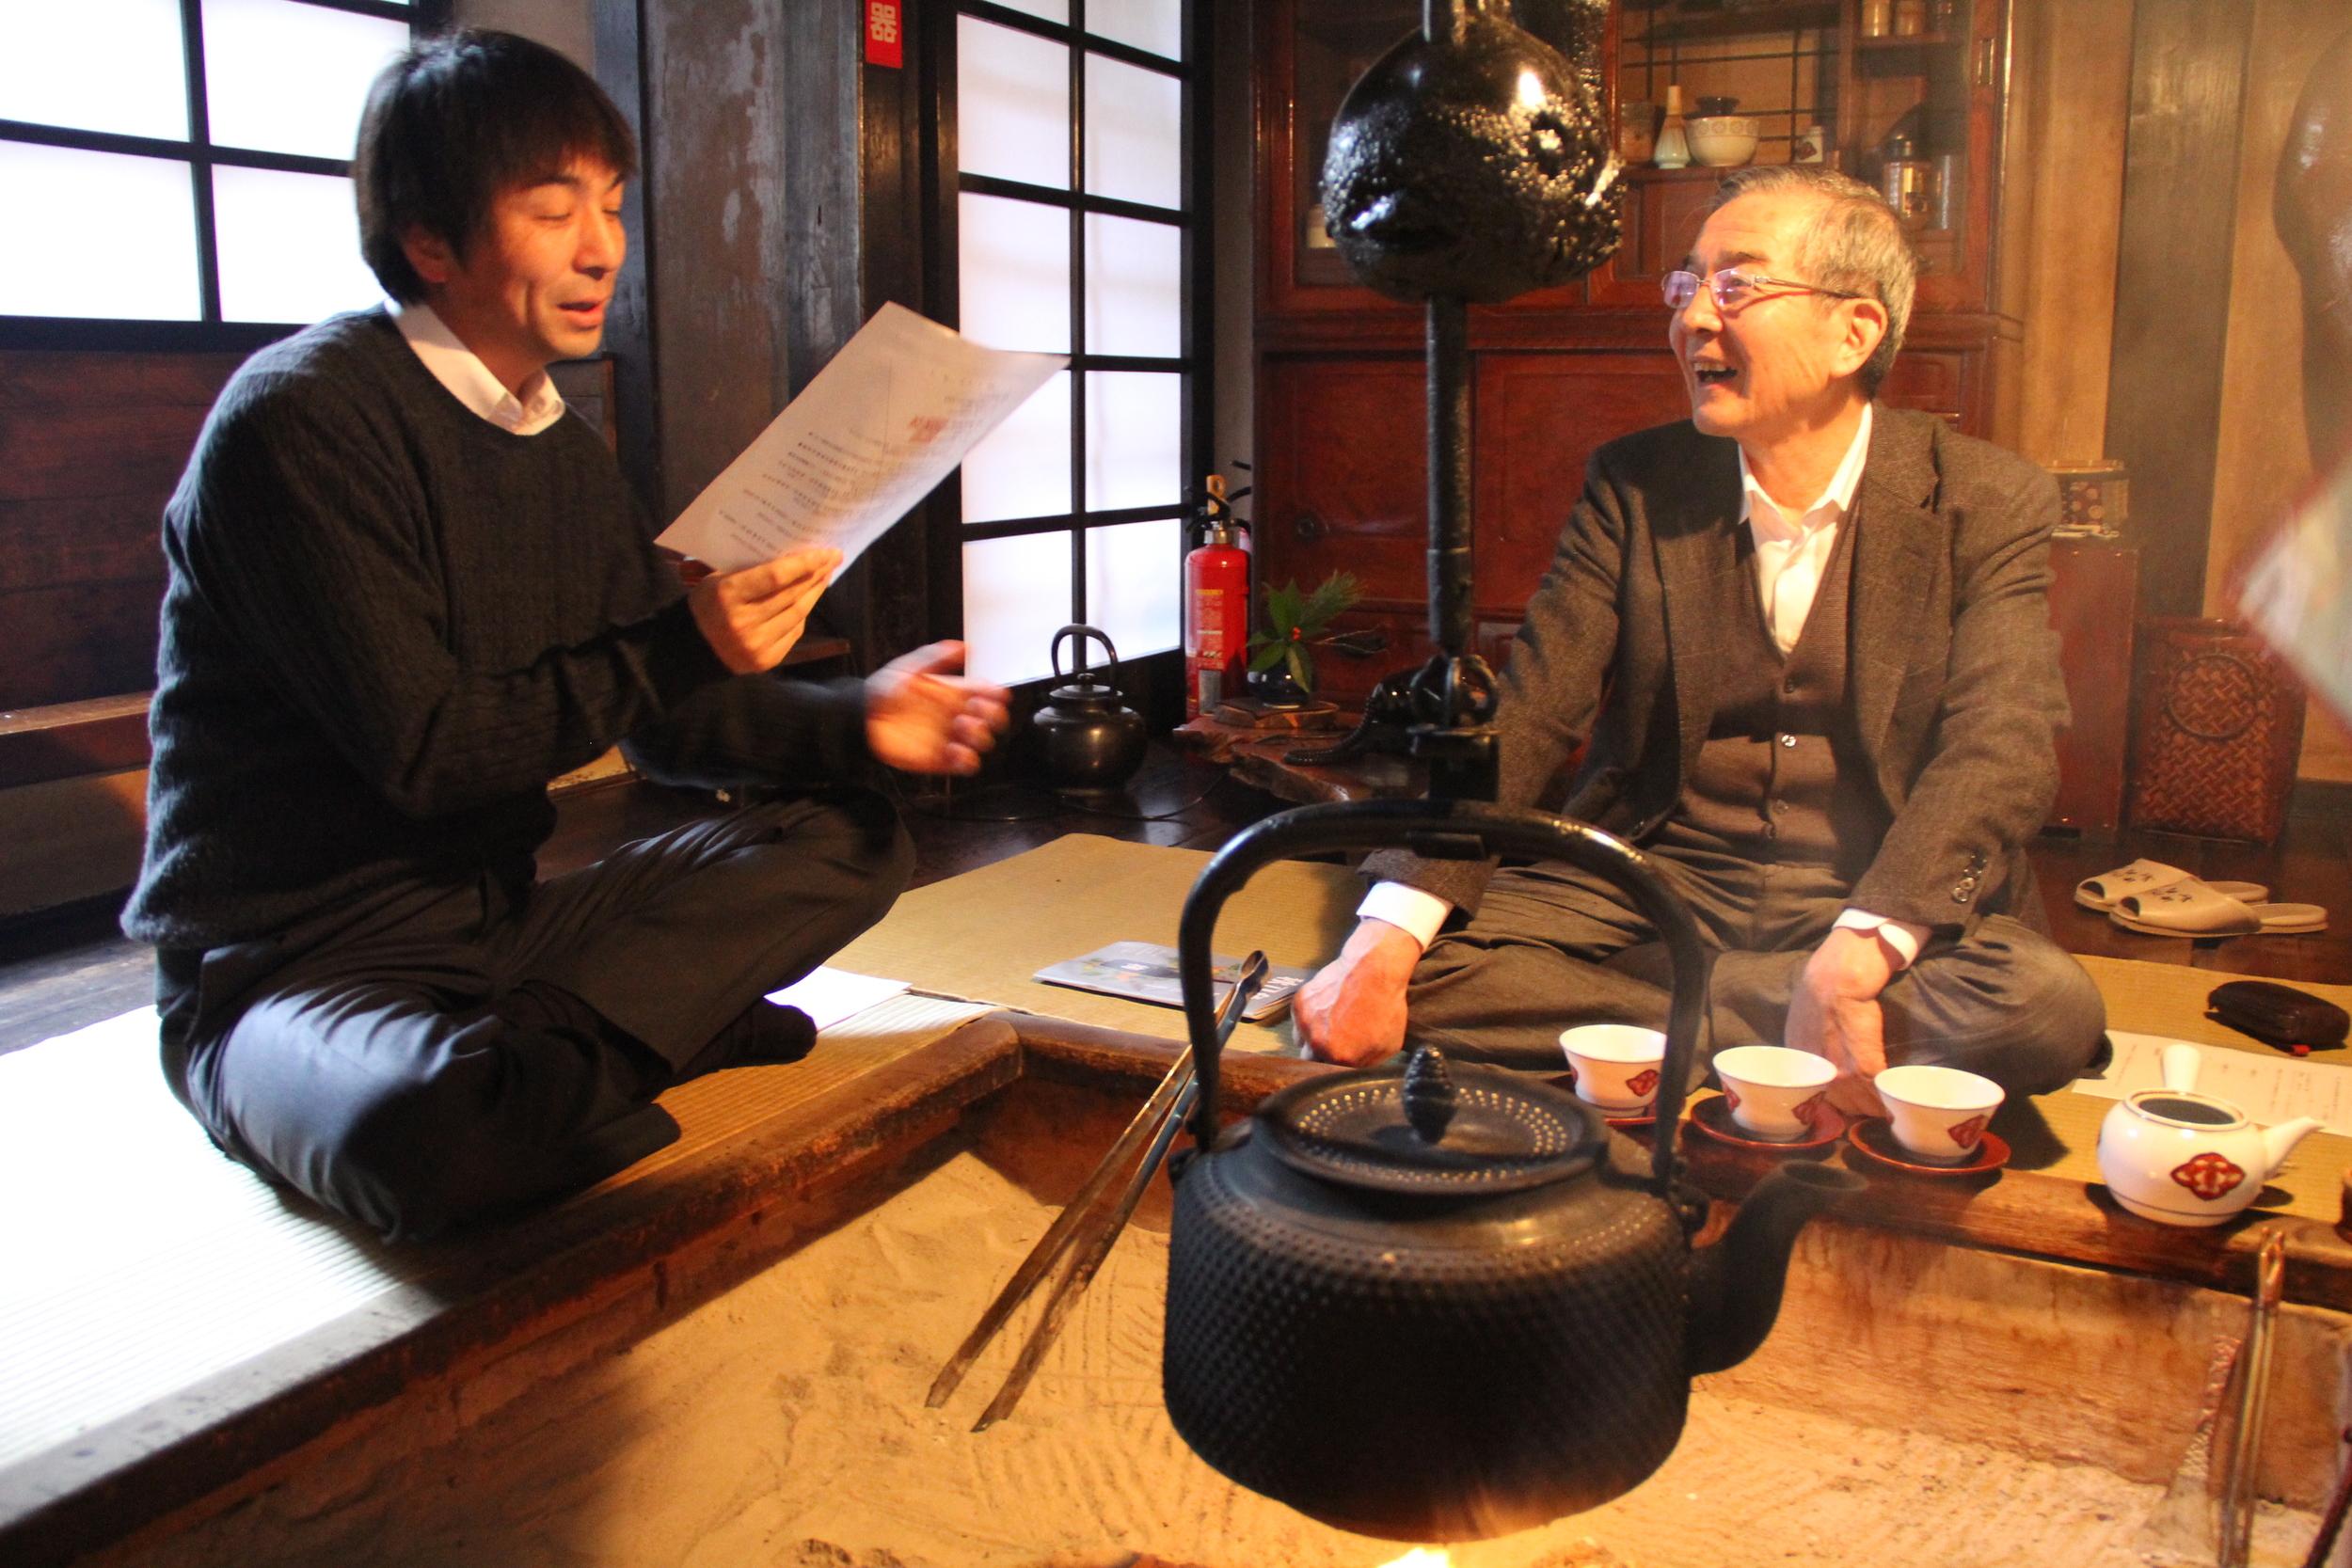 玄關旁的火爐提供住宿者享受傳統氣喫茶樂趣,感受百年歷史的痕跡。不妨與朋友或祕湯人員一邊泡茶一邊聊天。